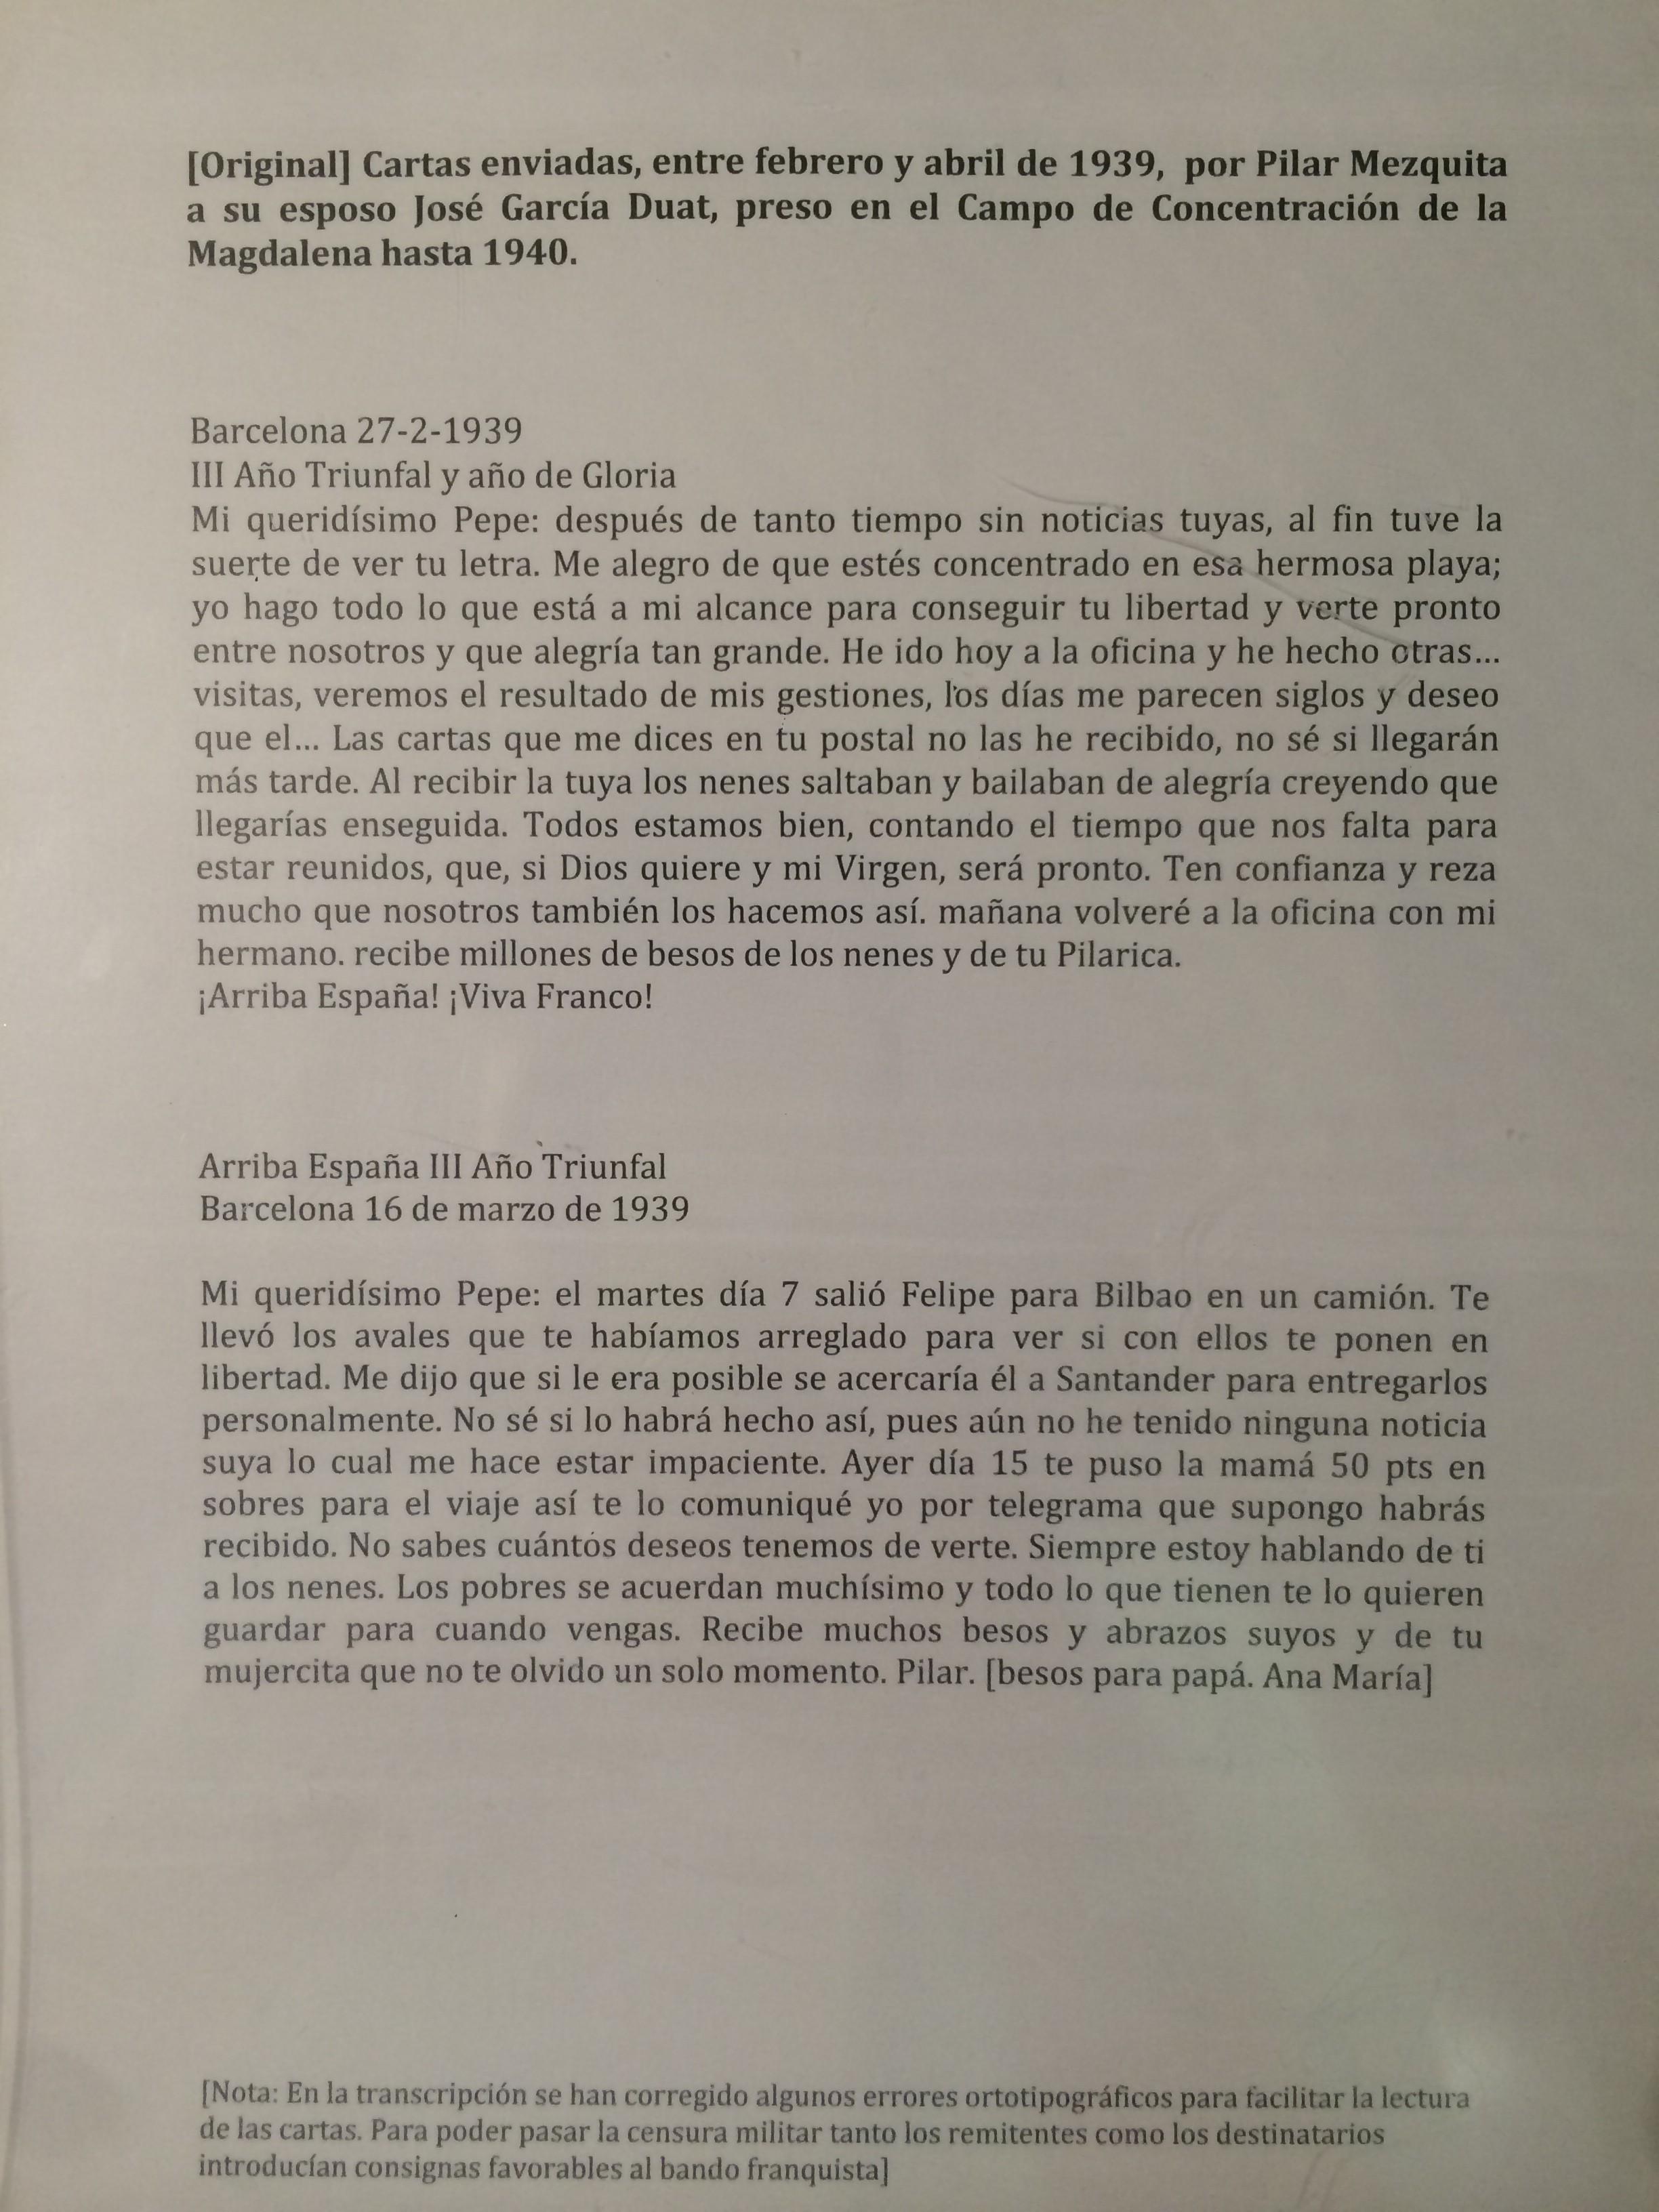 Carta enviada de una mujer a su marido preso en el campo de concentración de La Magdalena